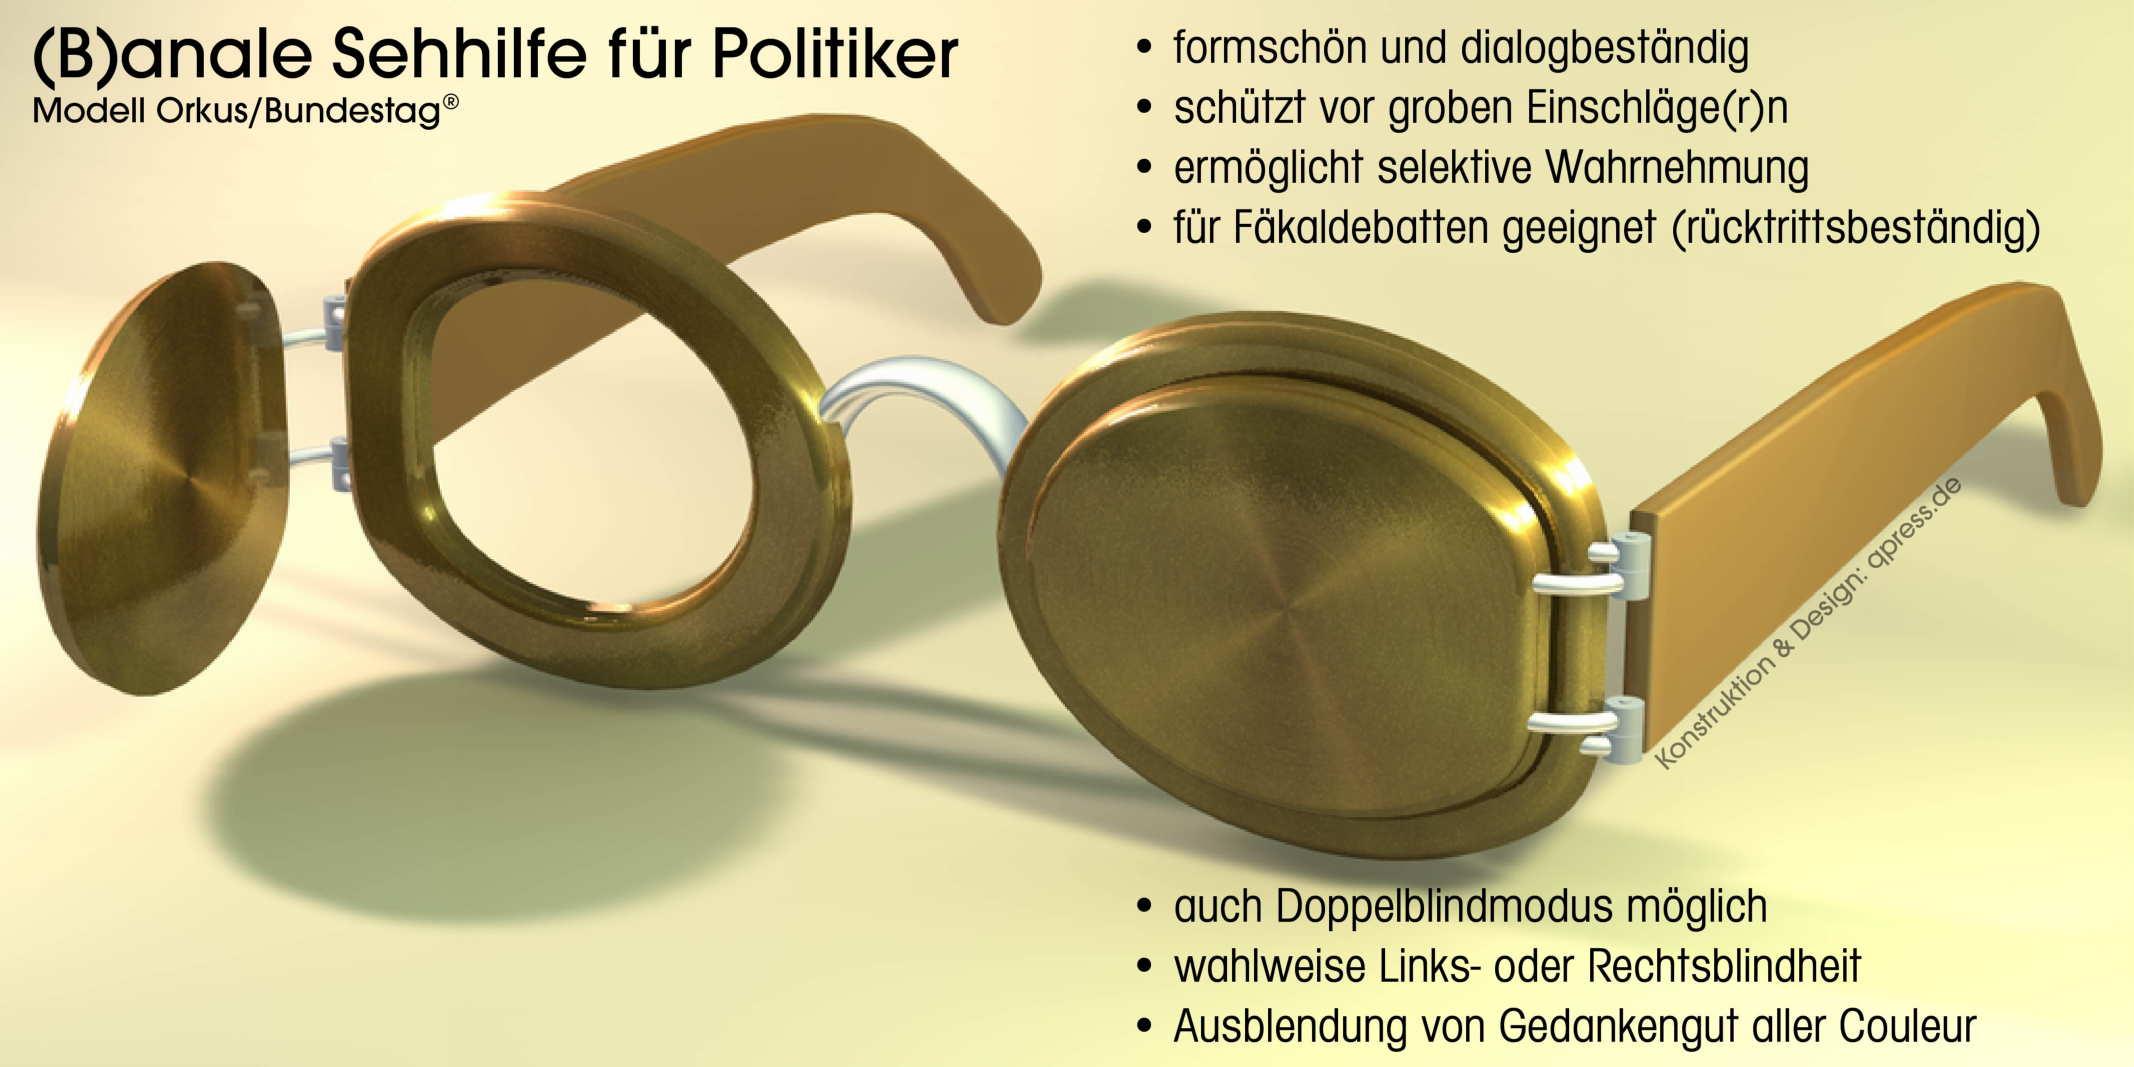 Anale Sehhilfe fuer Poltiker Klo-Brille scheuklappen spritzschutz Blickschutz definierte Sehrichtung